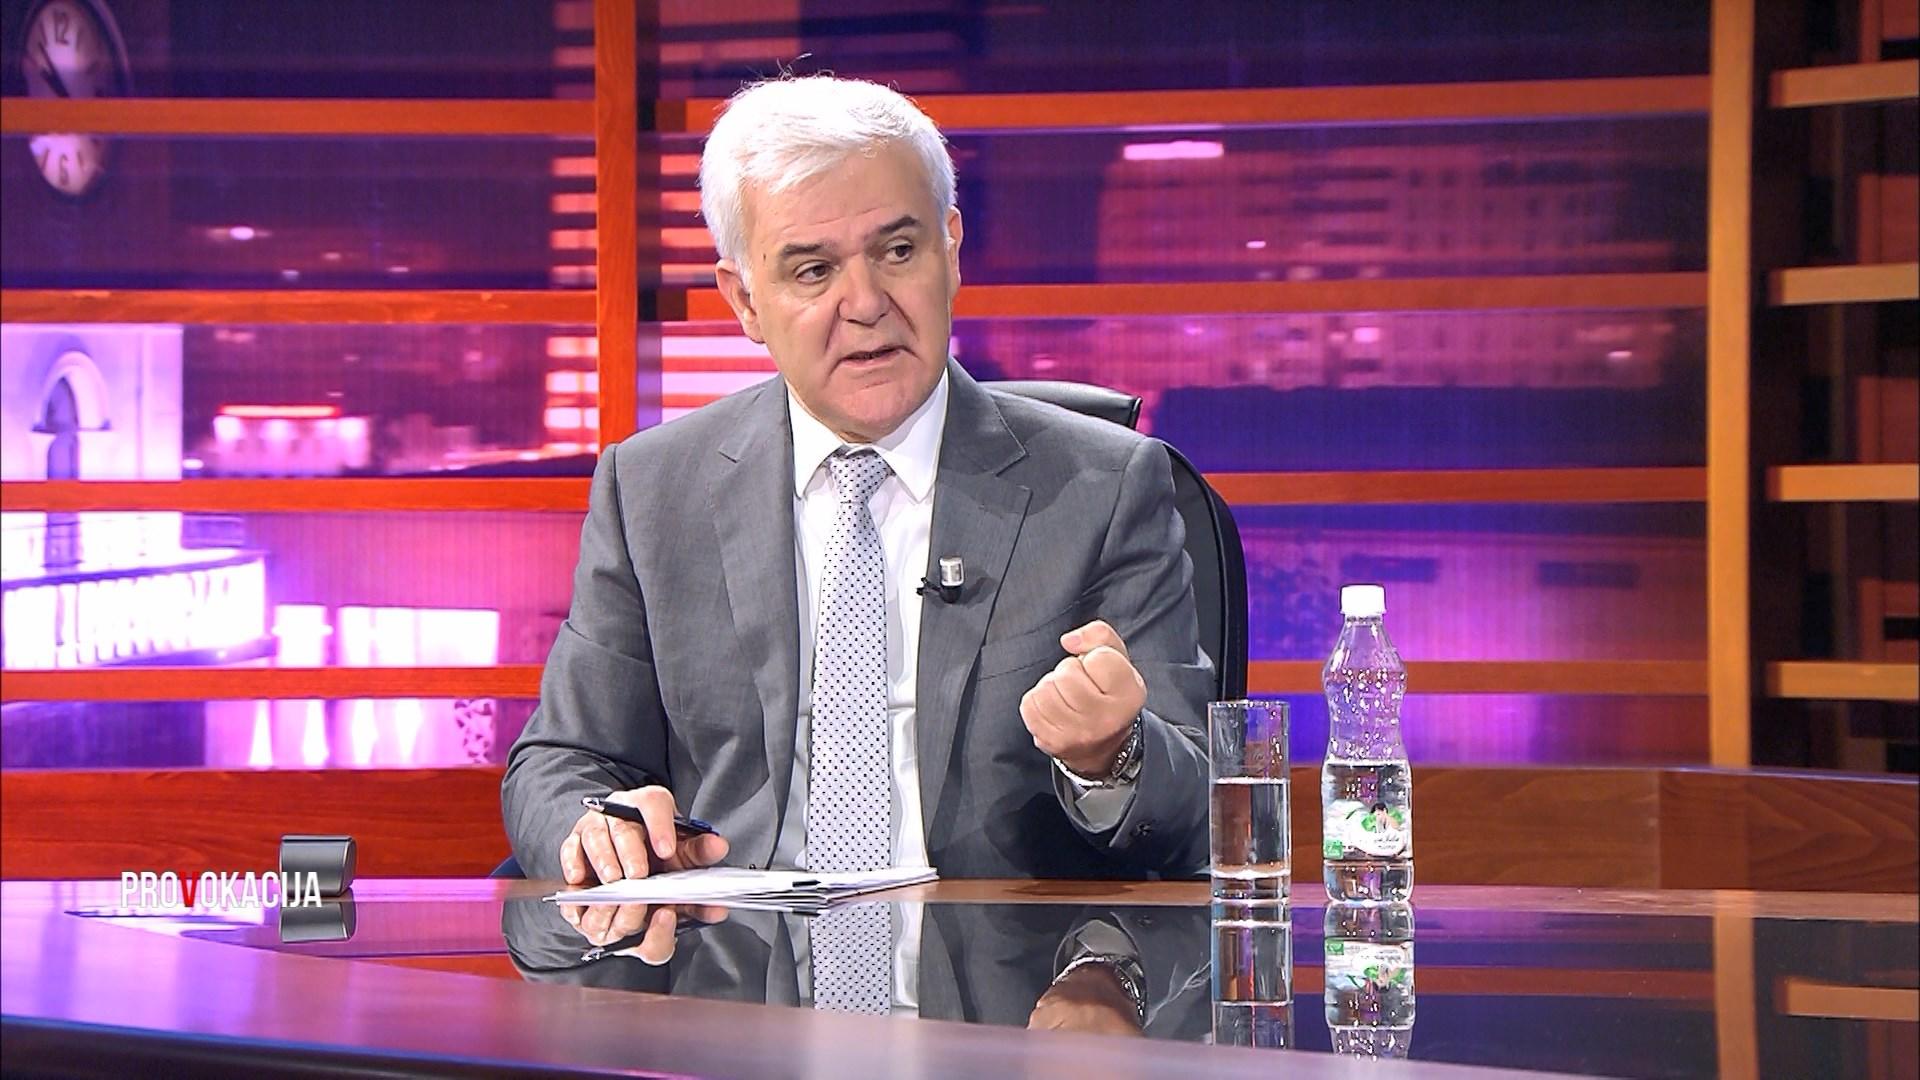 Xhafaj i përgjigjet opozitës me shifra për krimin në Vlorë